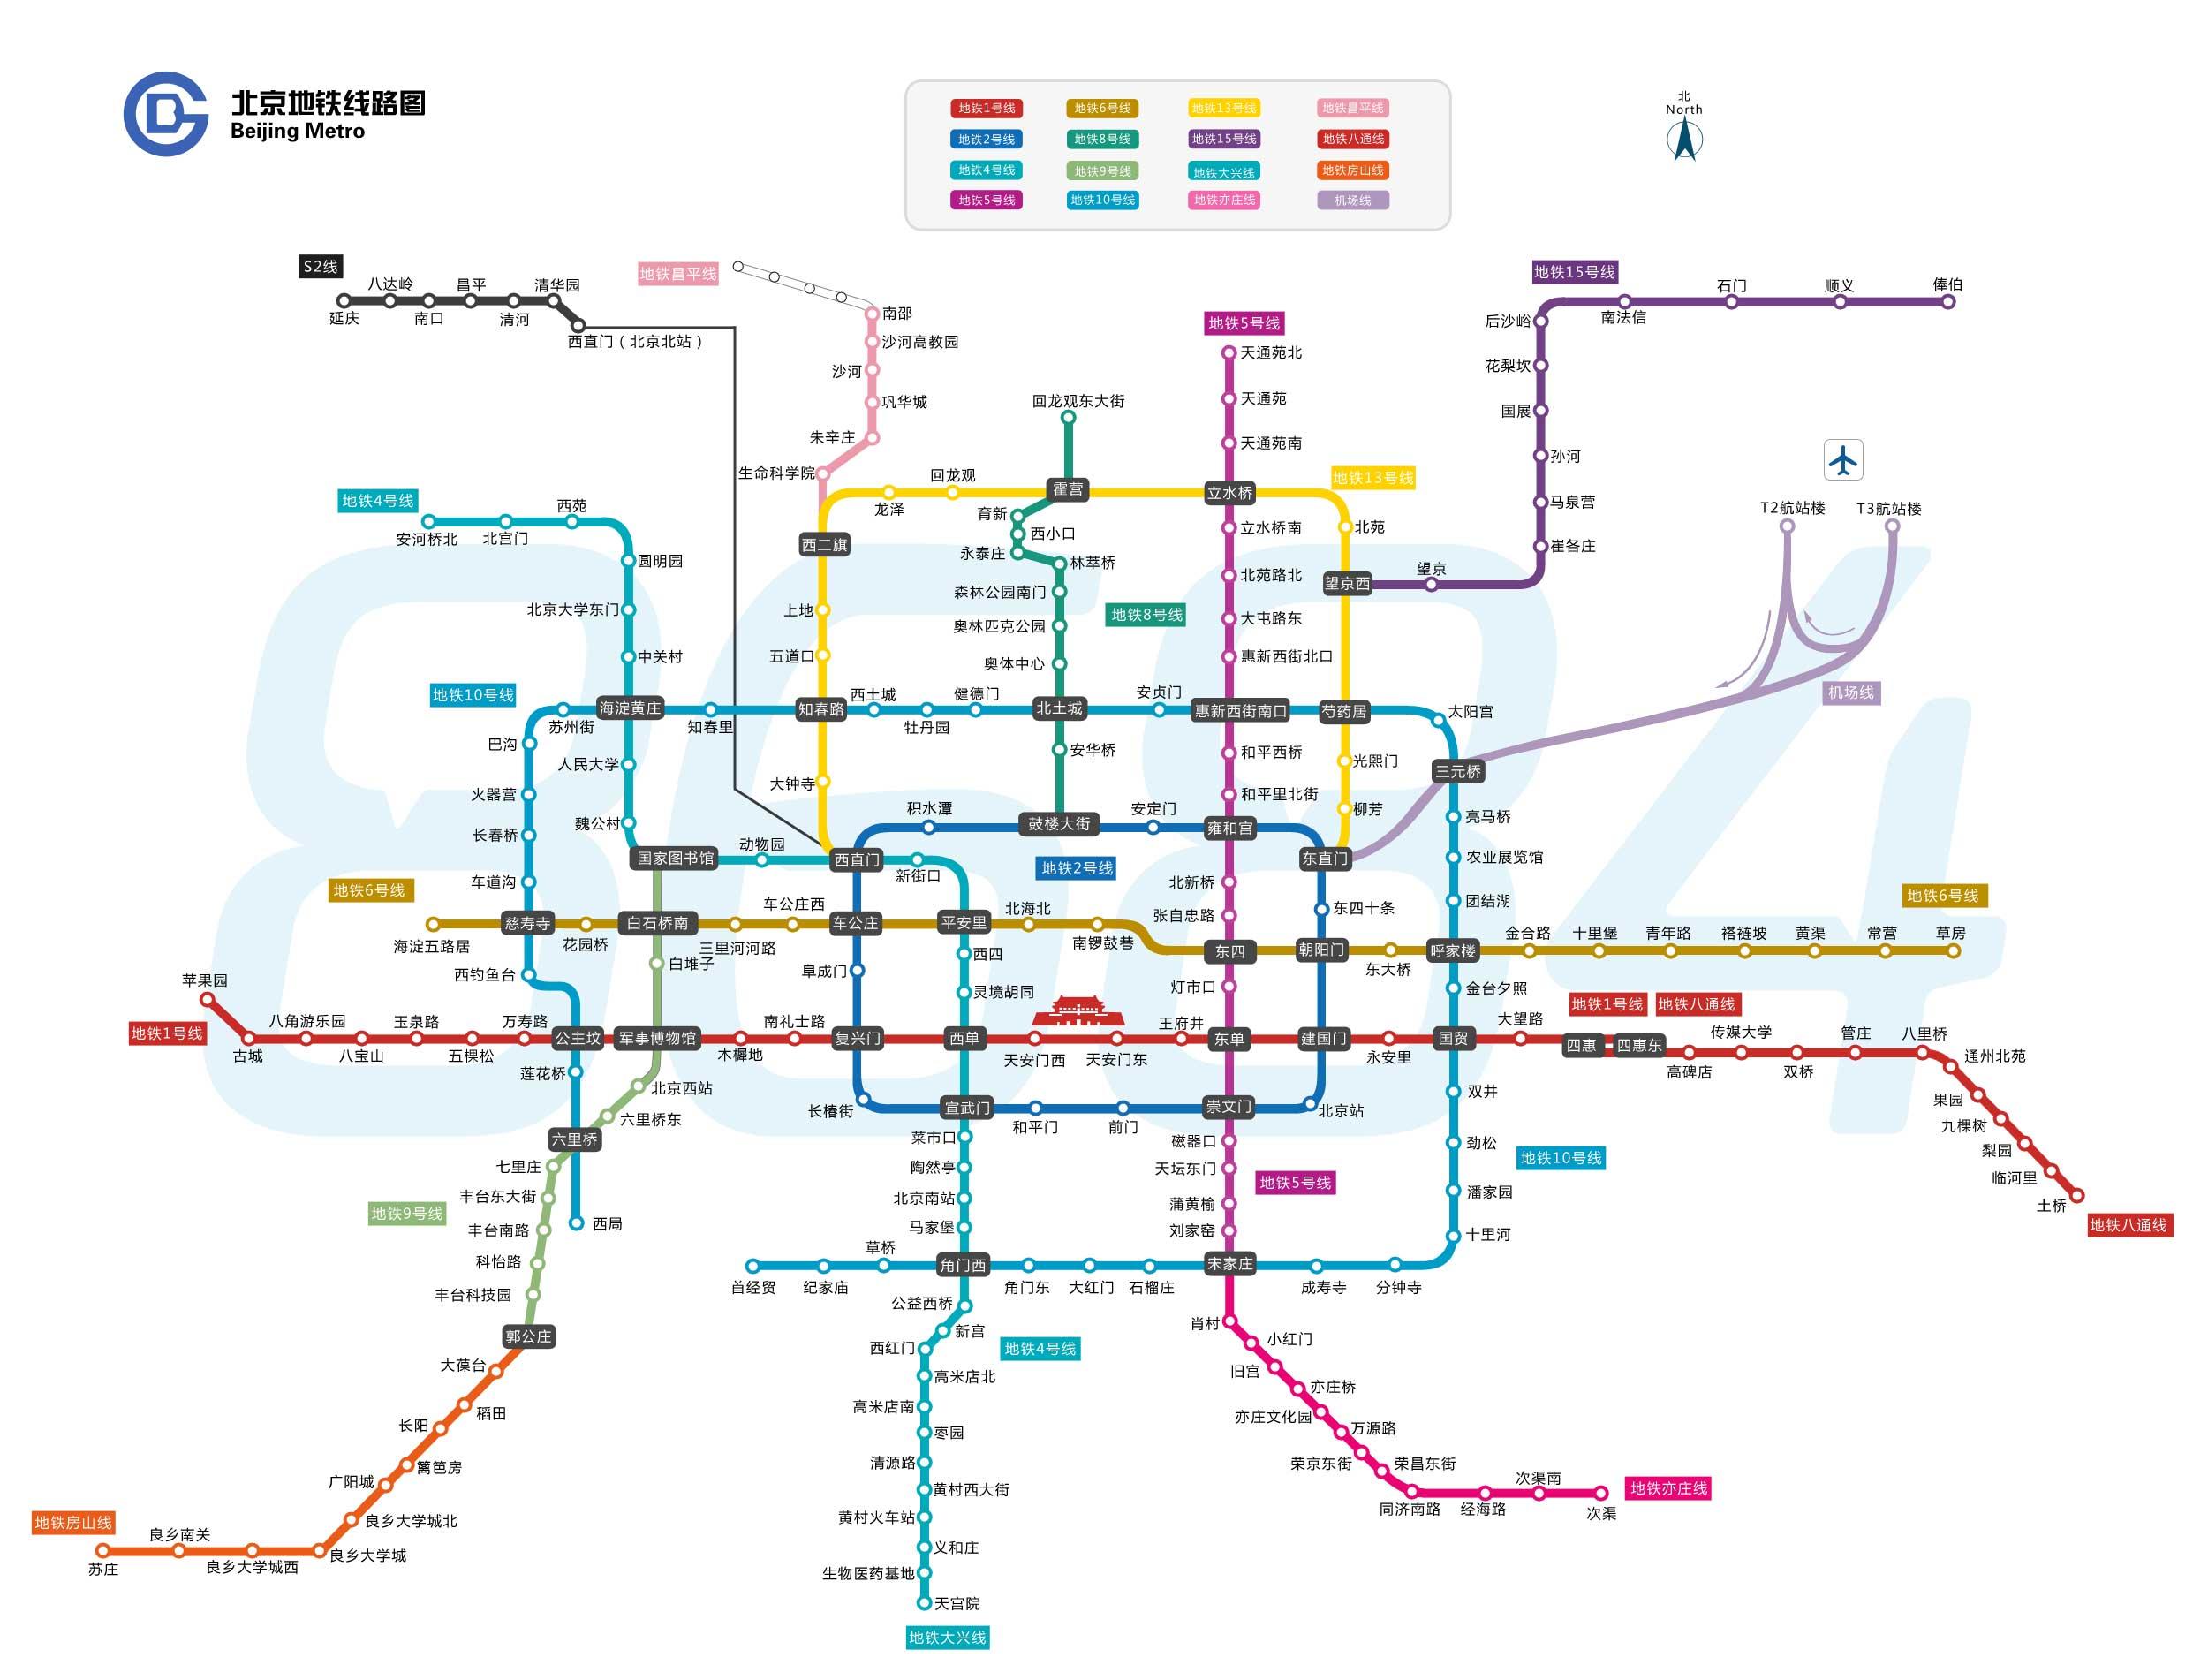 2013北京地铁路线图高清图片